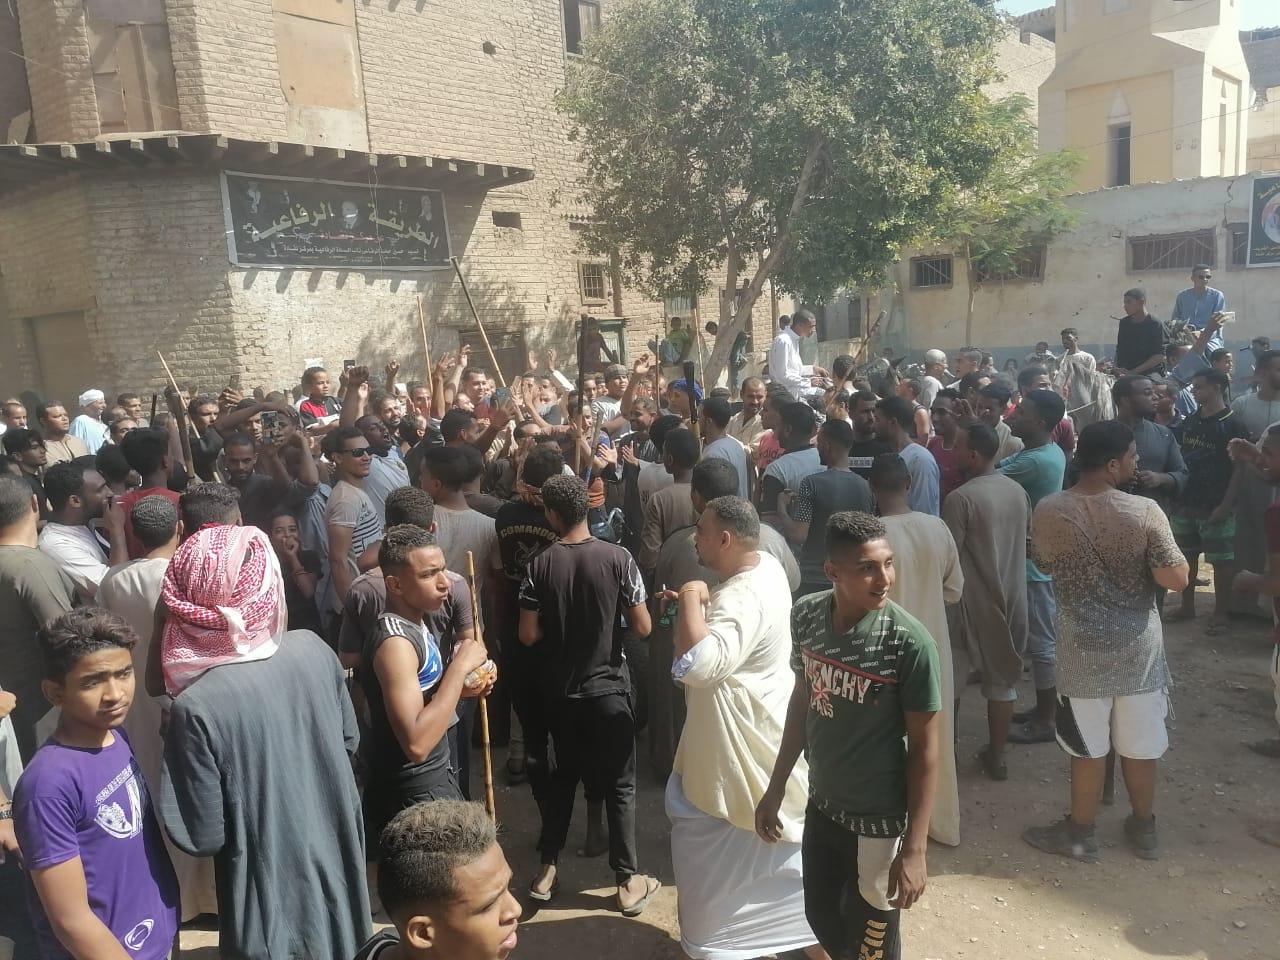 المئات من المسلمين والأقباط يحتفلون بالمولد النبوى (8)